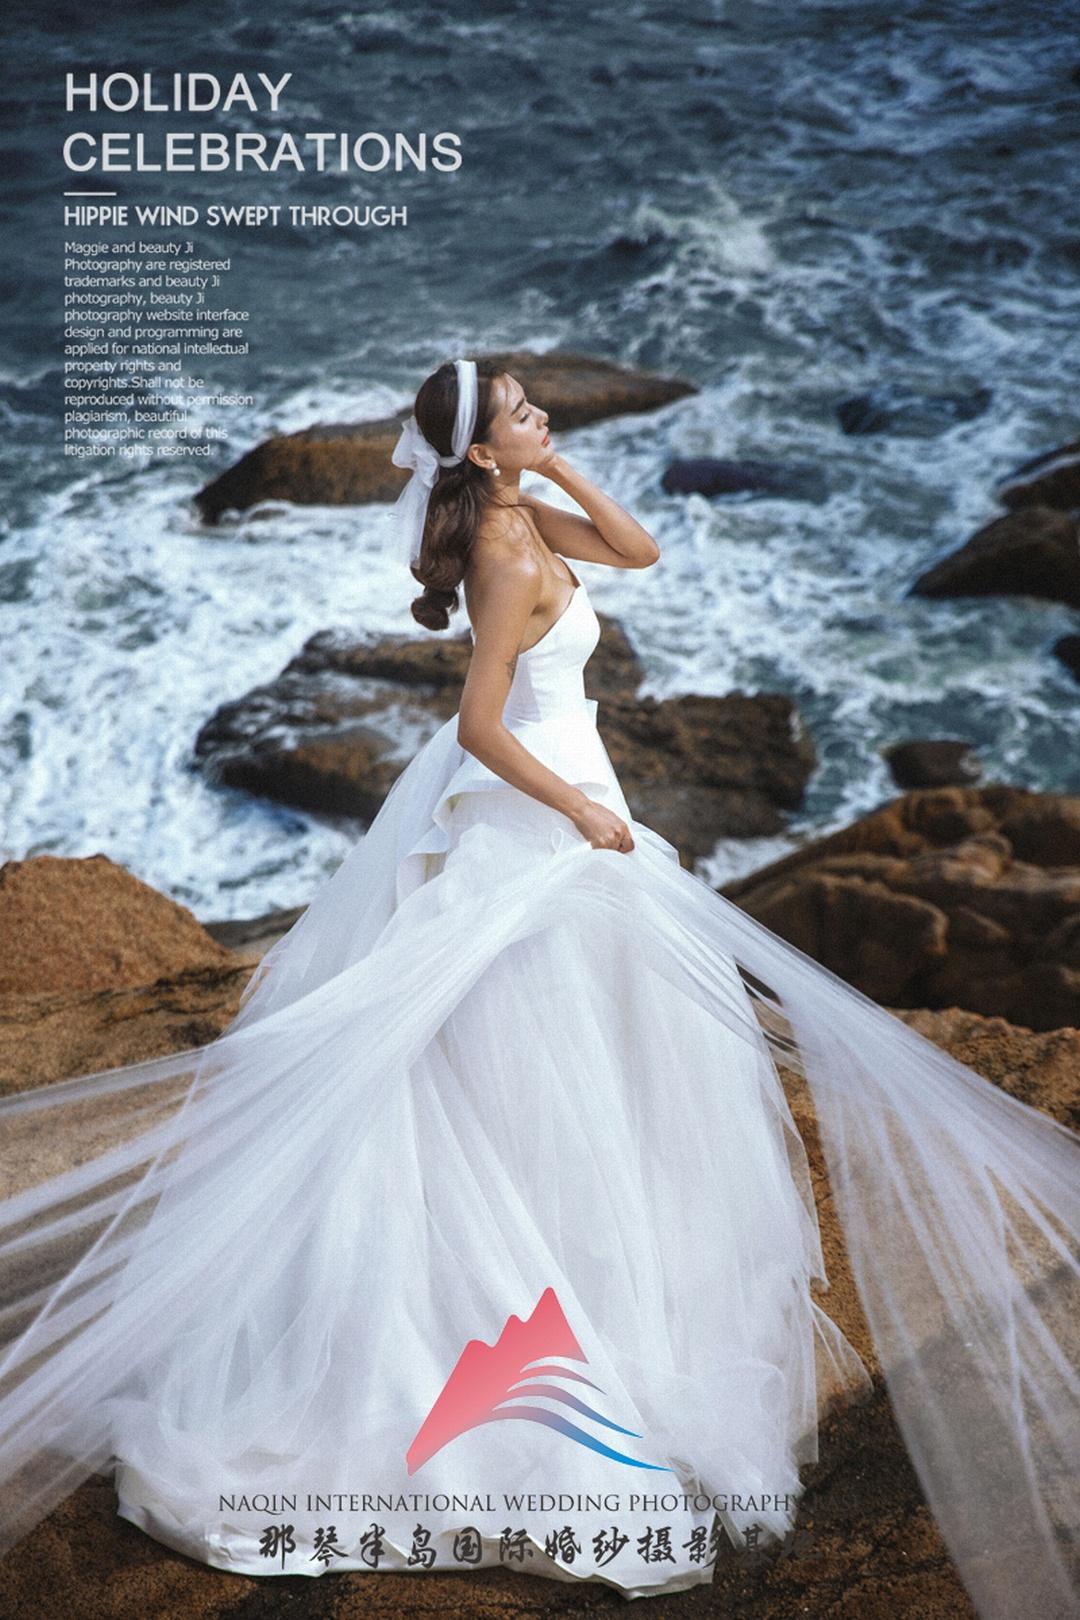 石龙婚纱照哪家拍的好,找石龙婚纱摄影,来好莱坞婚纱摄影工作室